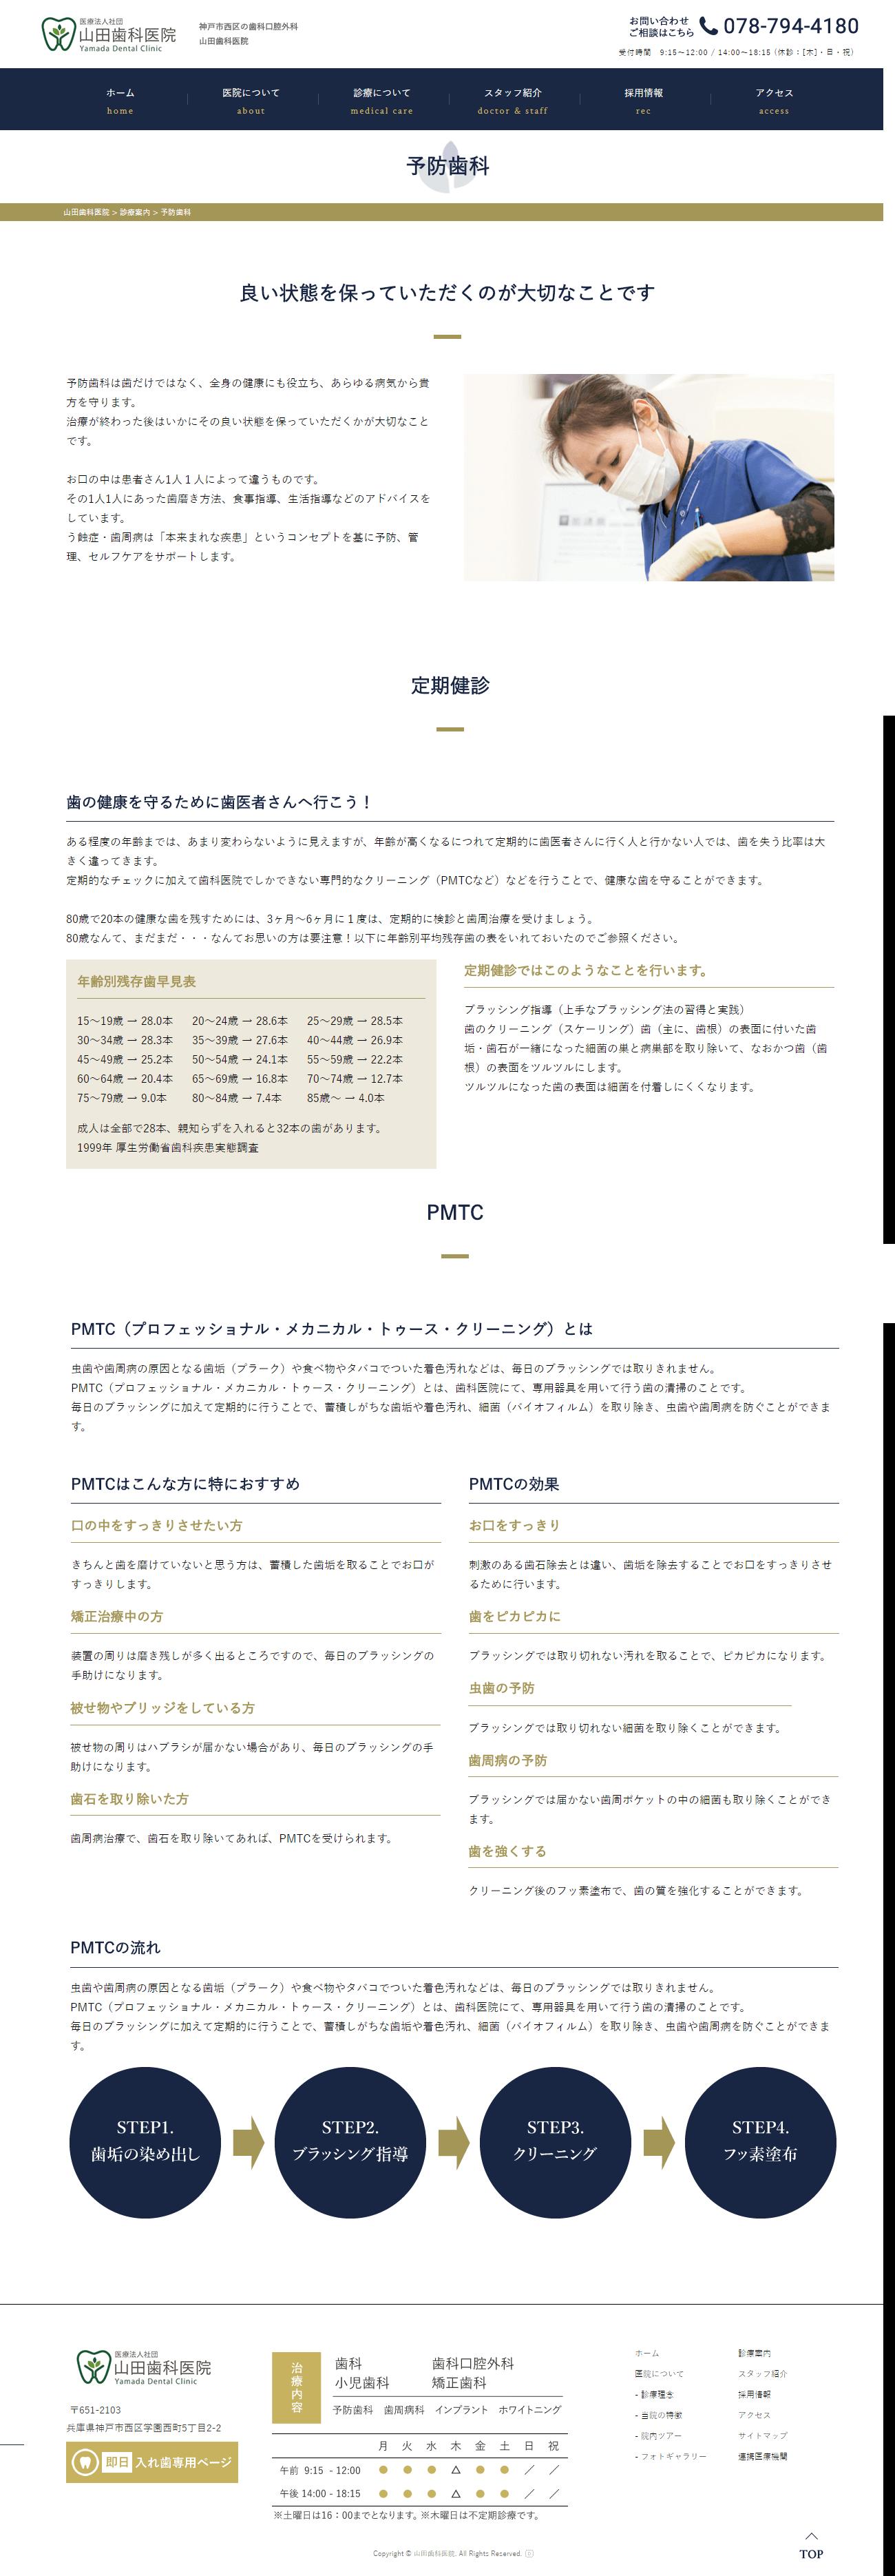 神戸市 山田歯科医院様 ホームページ制作2